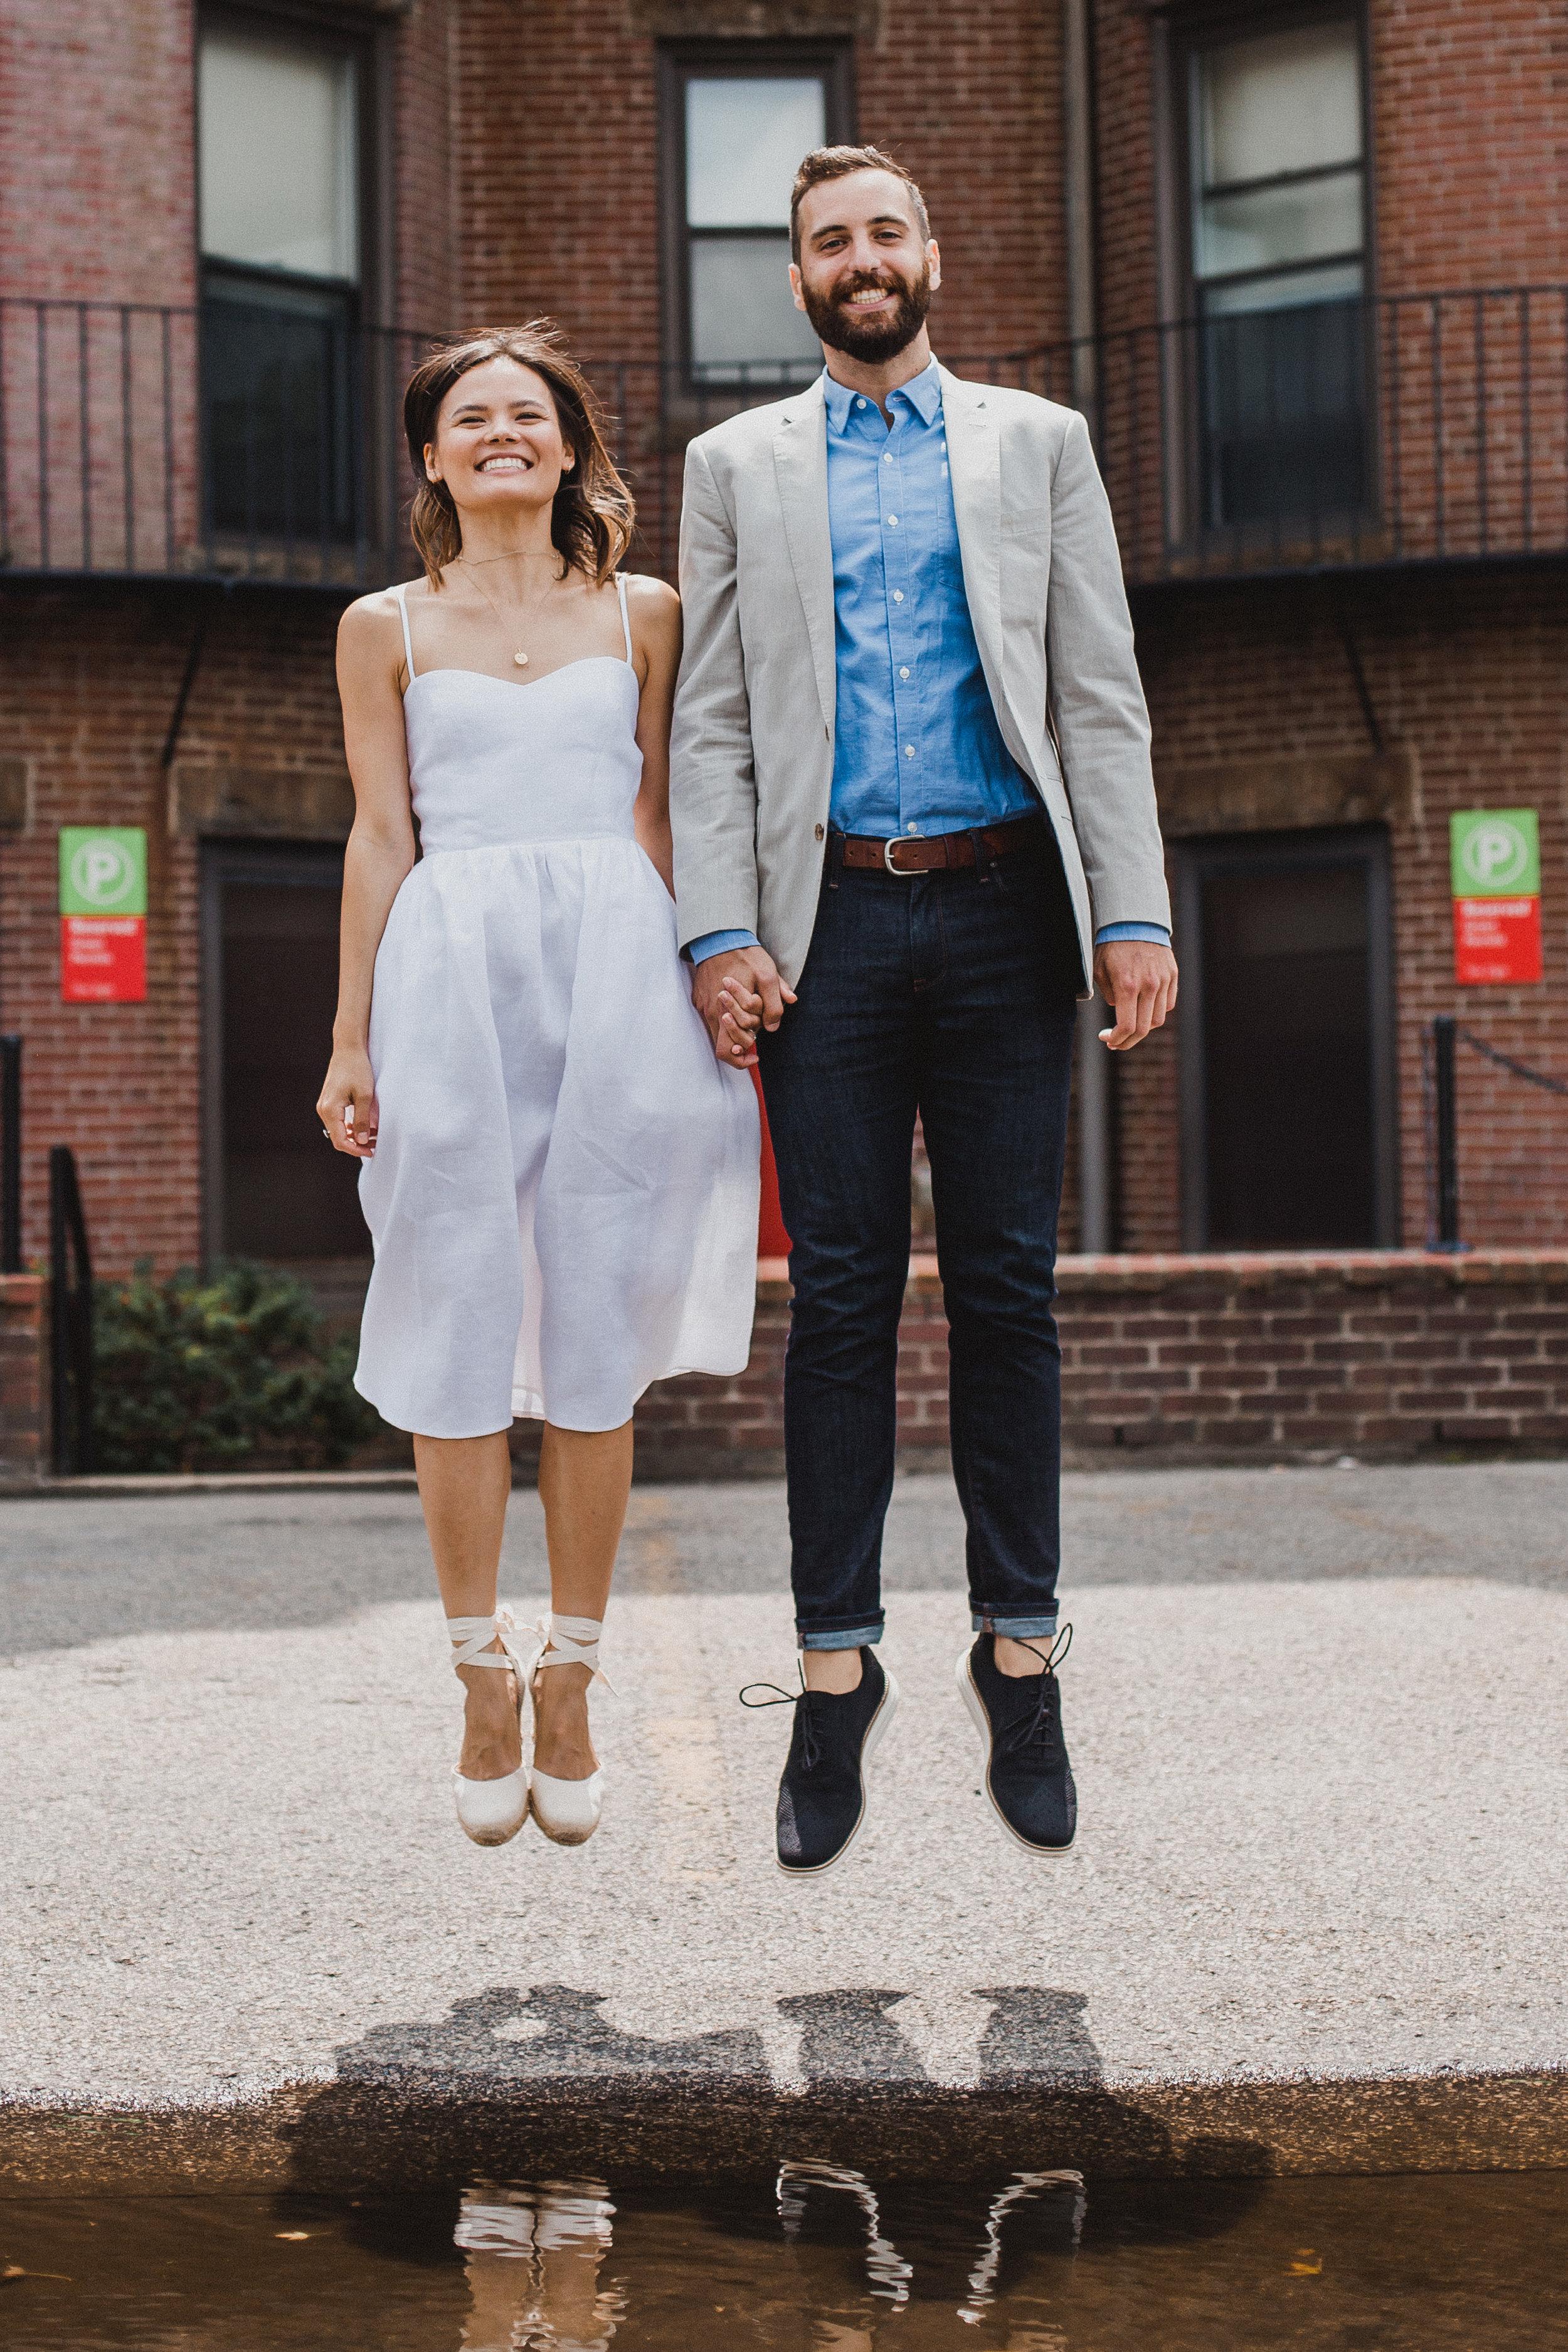 Hannah&AdamEngagementShoot-130.jpg